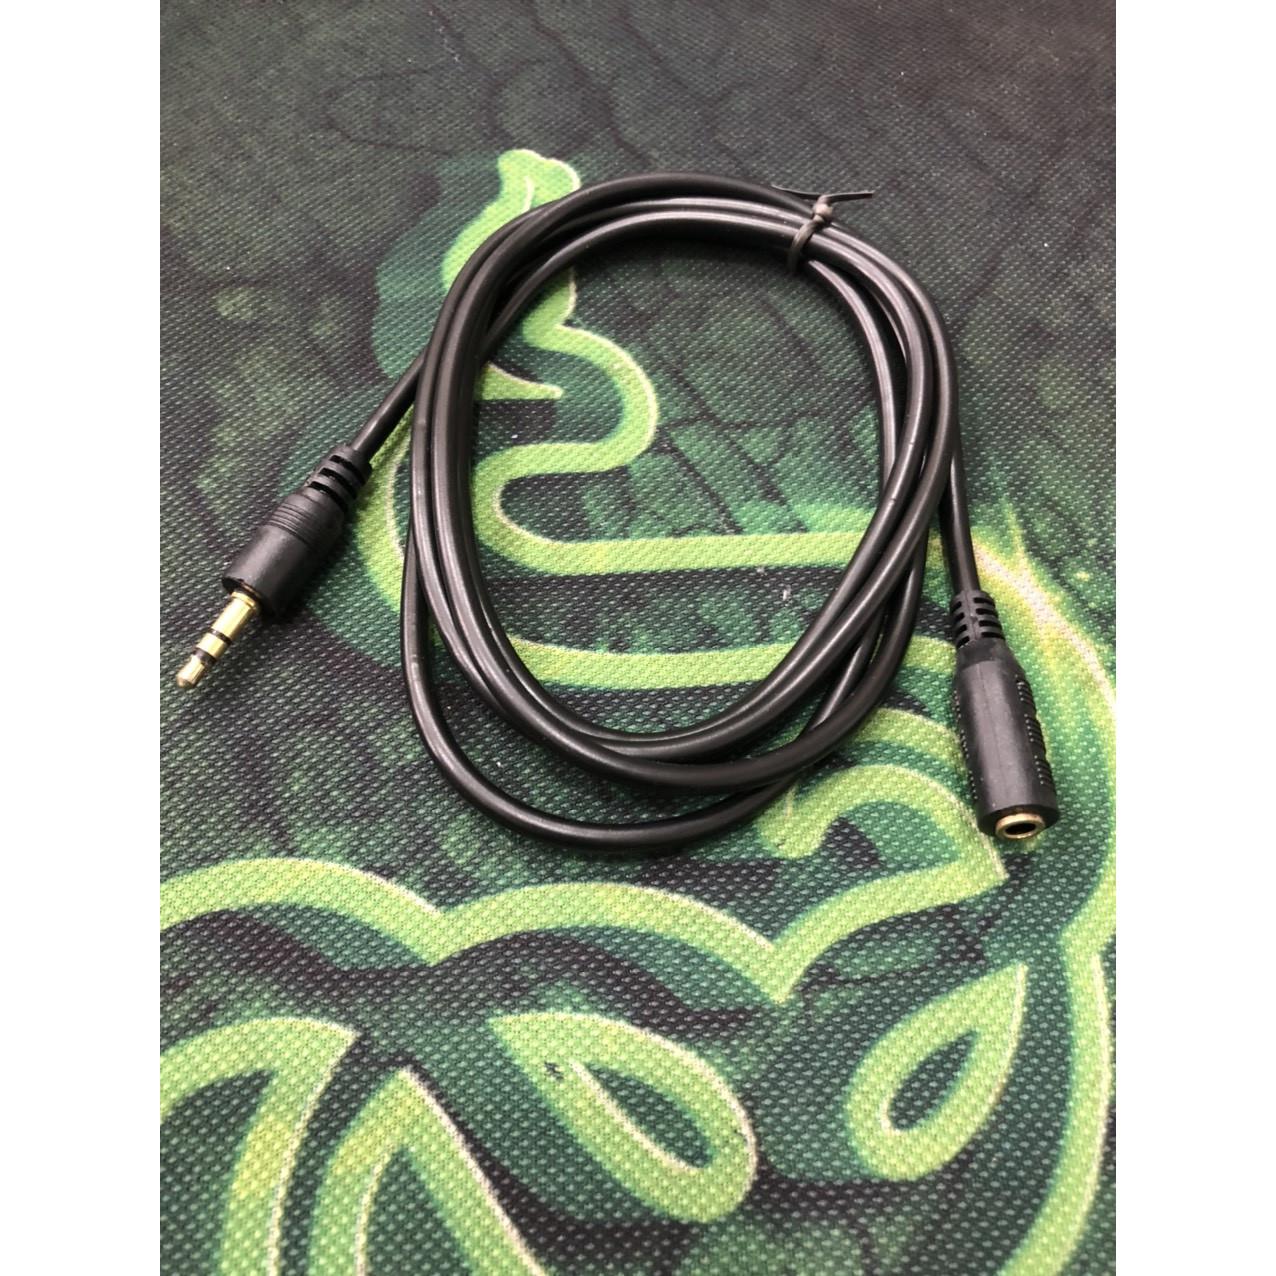 Dây nối dài loa-tai nghe dài 1.5 mét đen